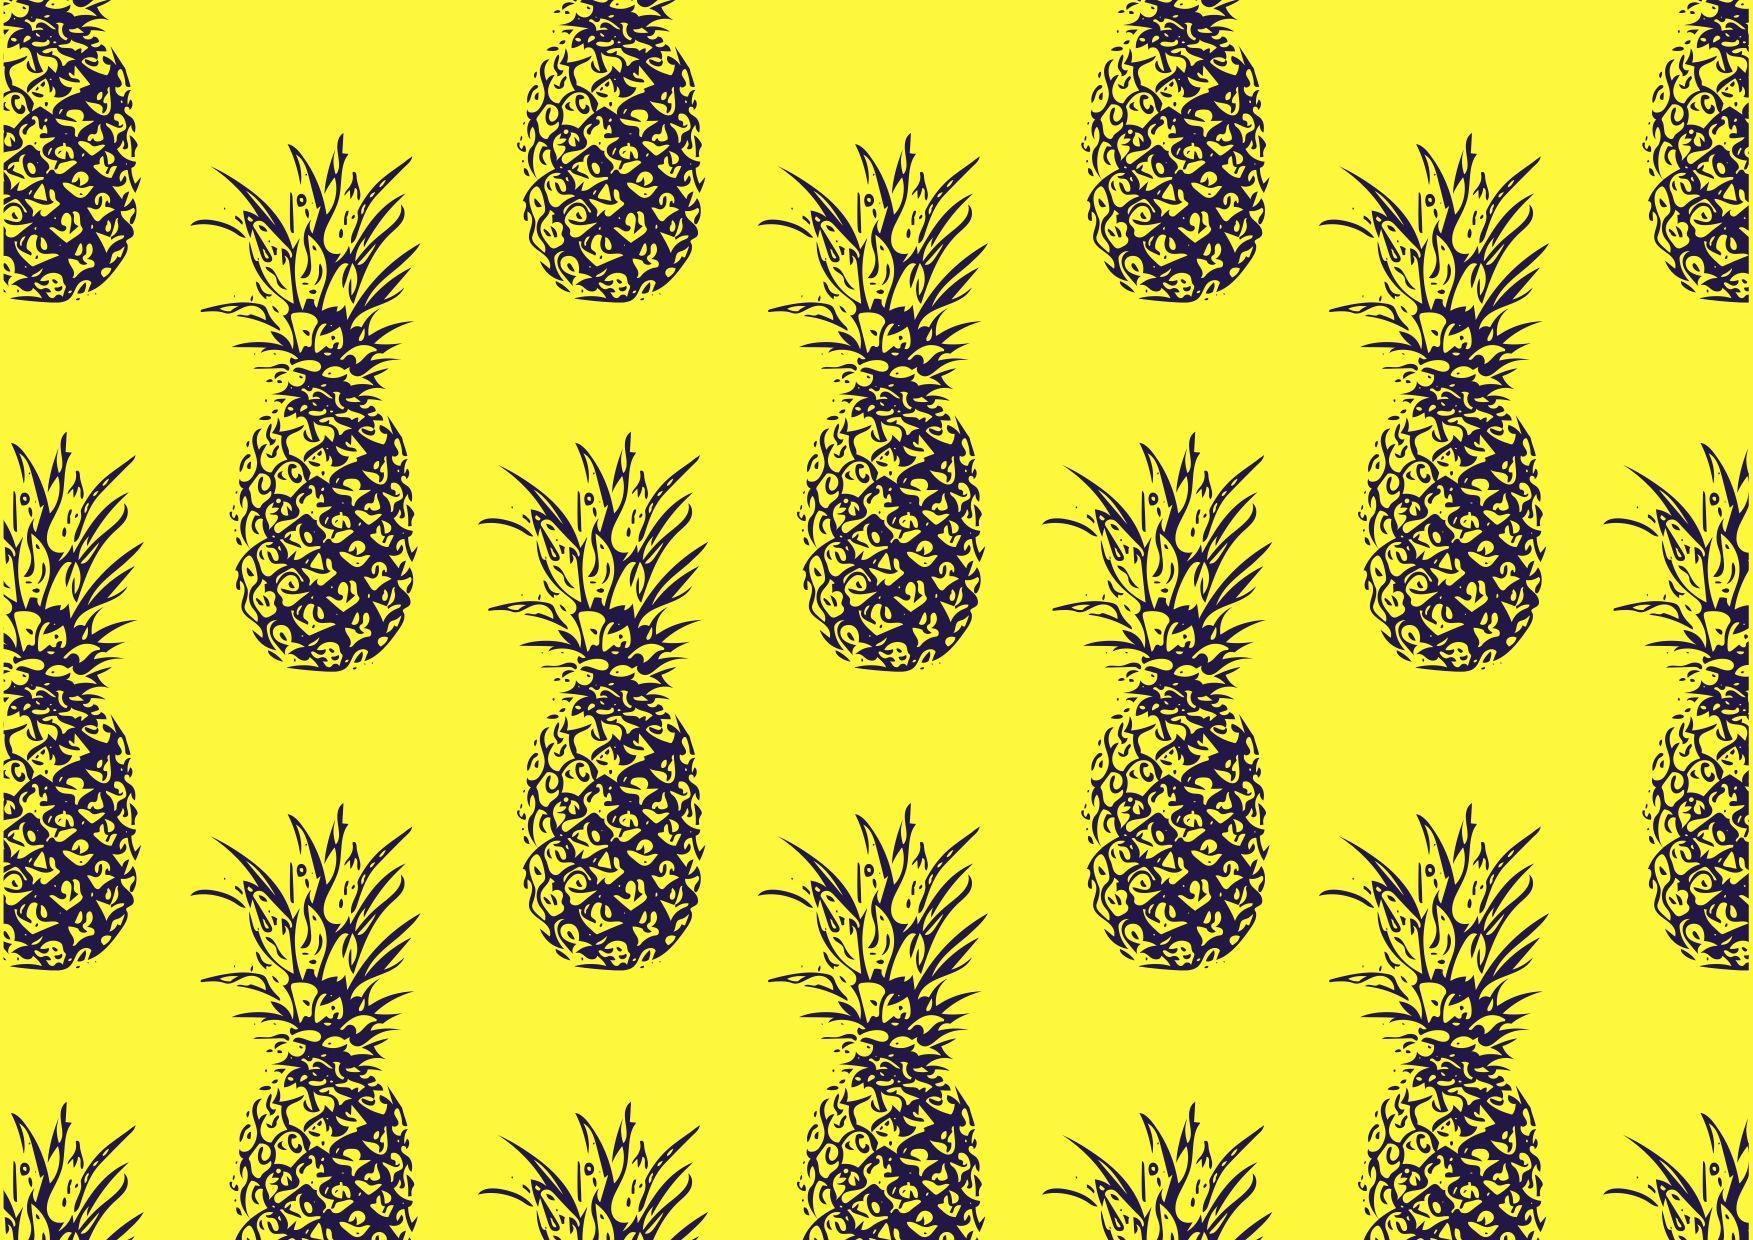 Yellow Aesthetic Wallpapers - Top Free Yellow Aesthetic ...